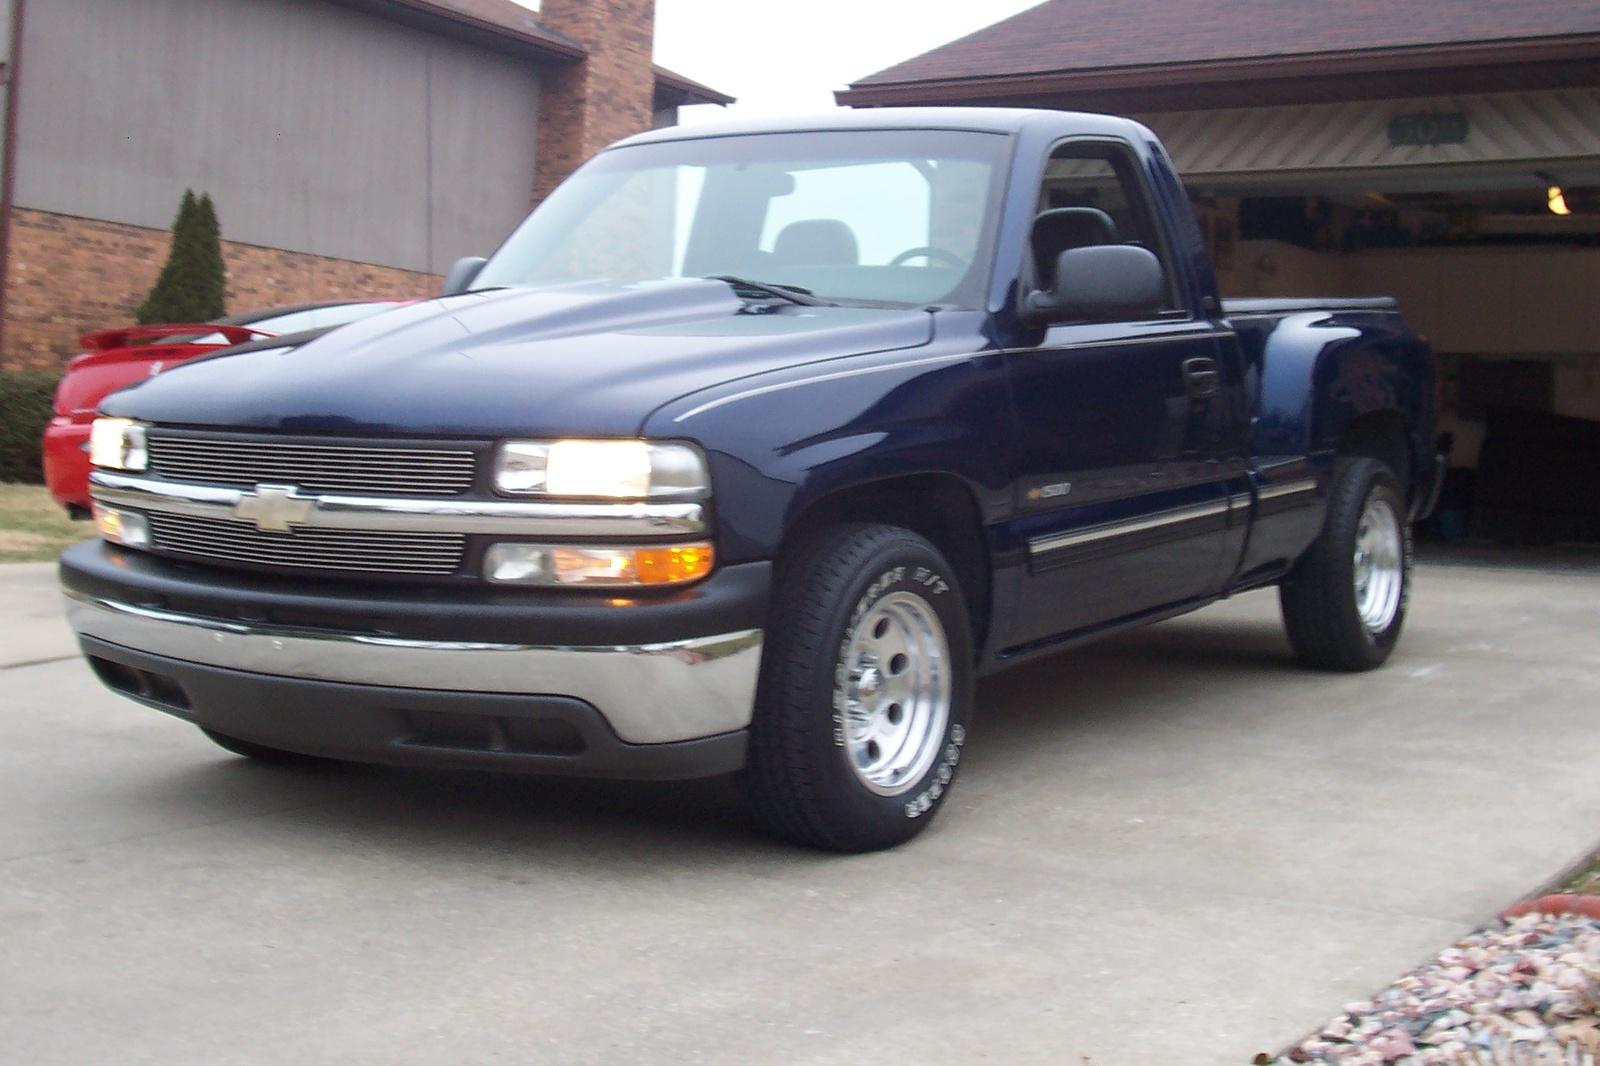 2000 Chevy Silverado Stepside